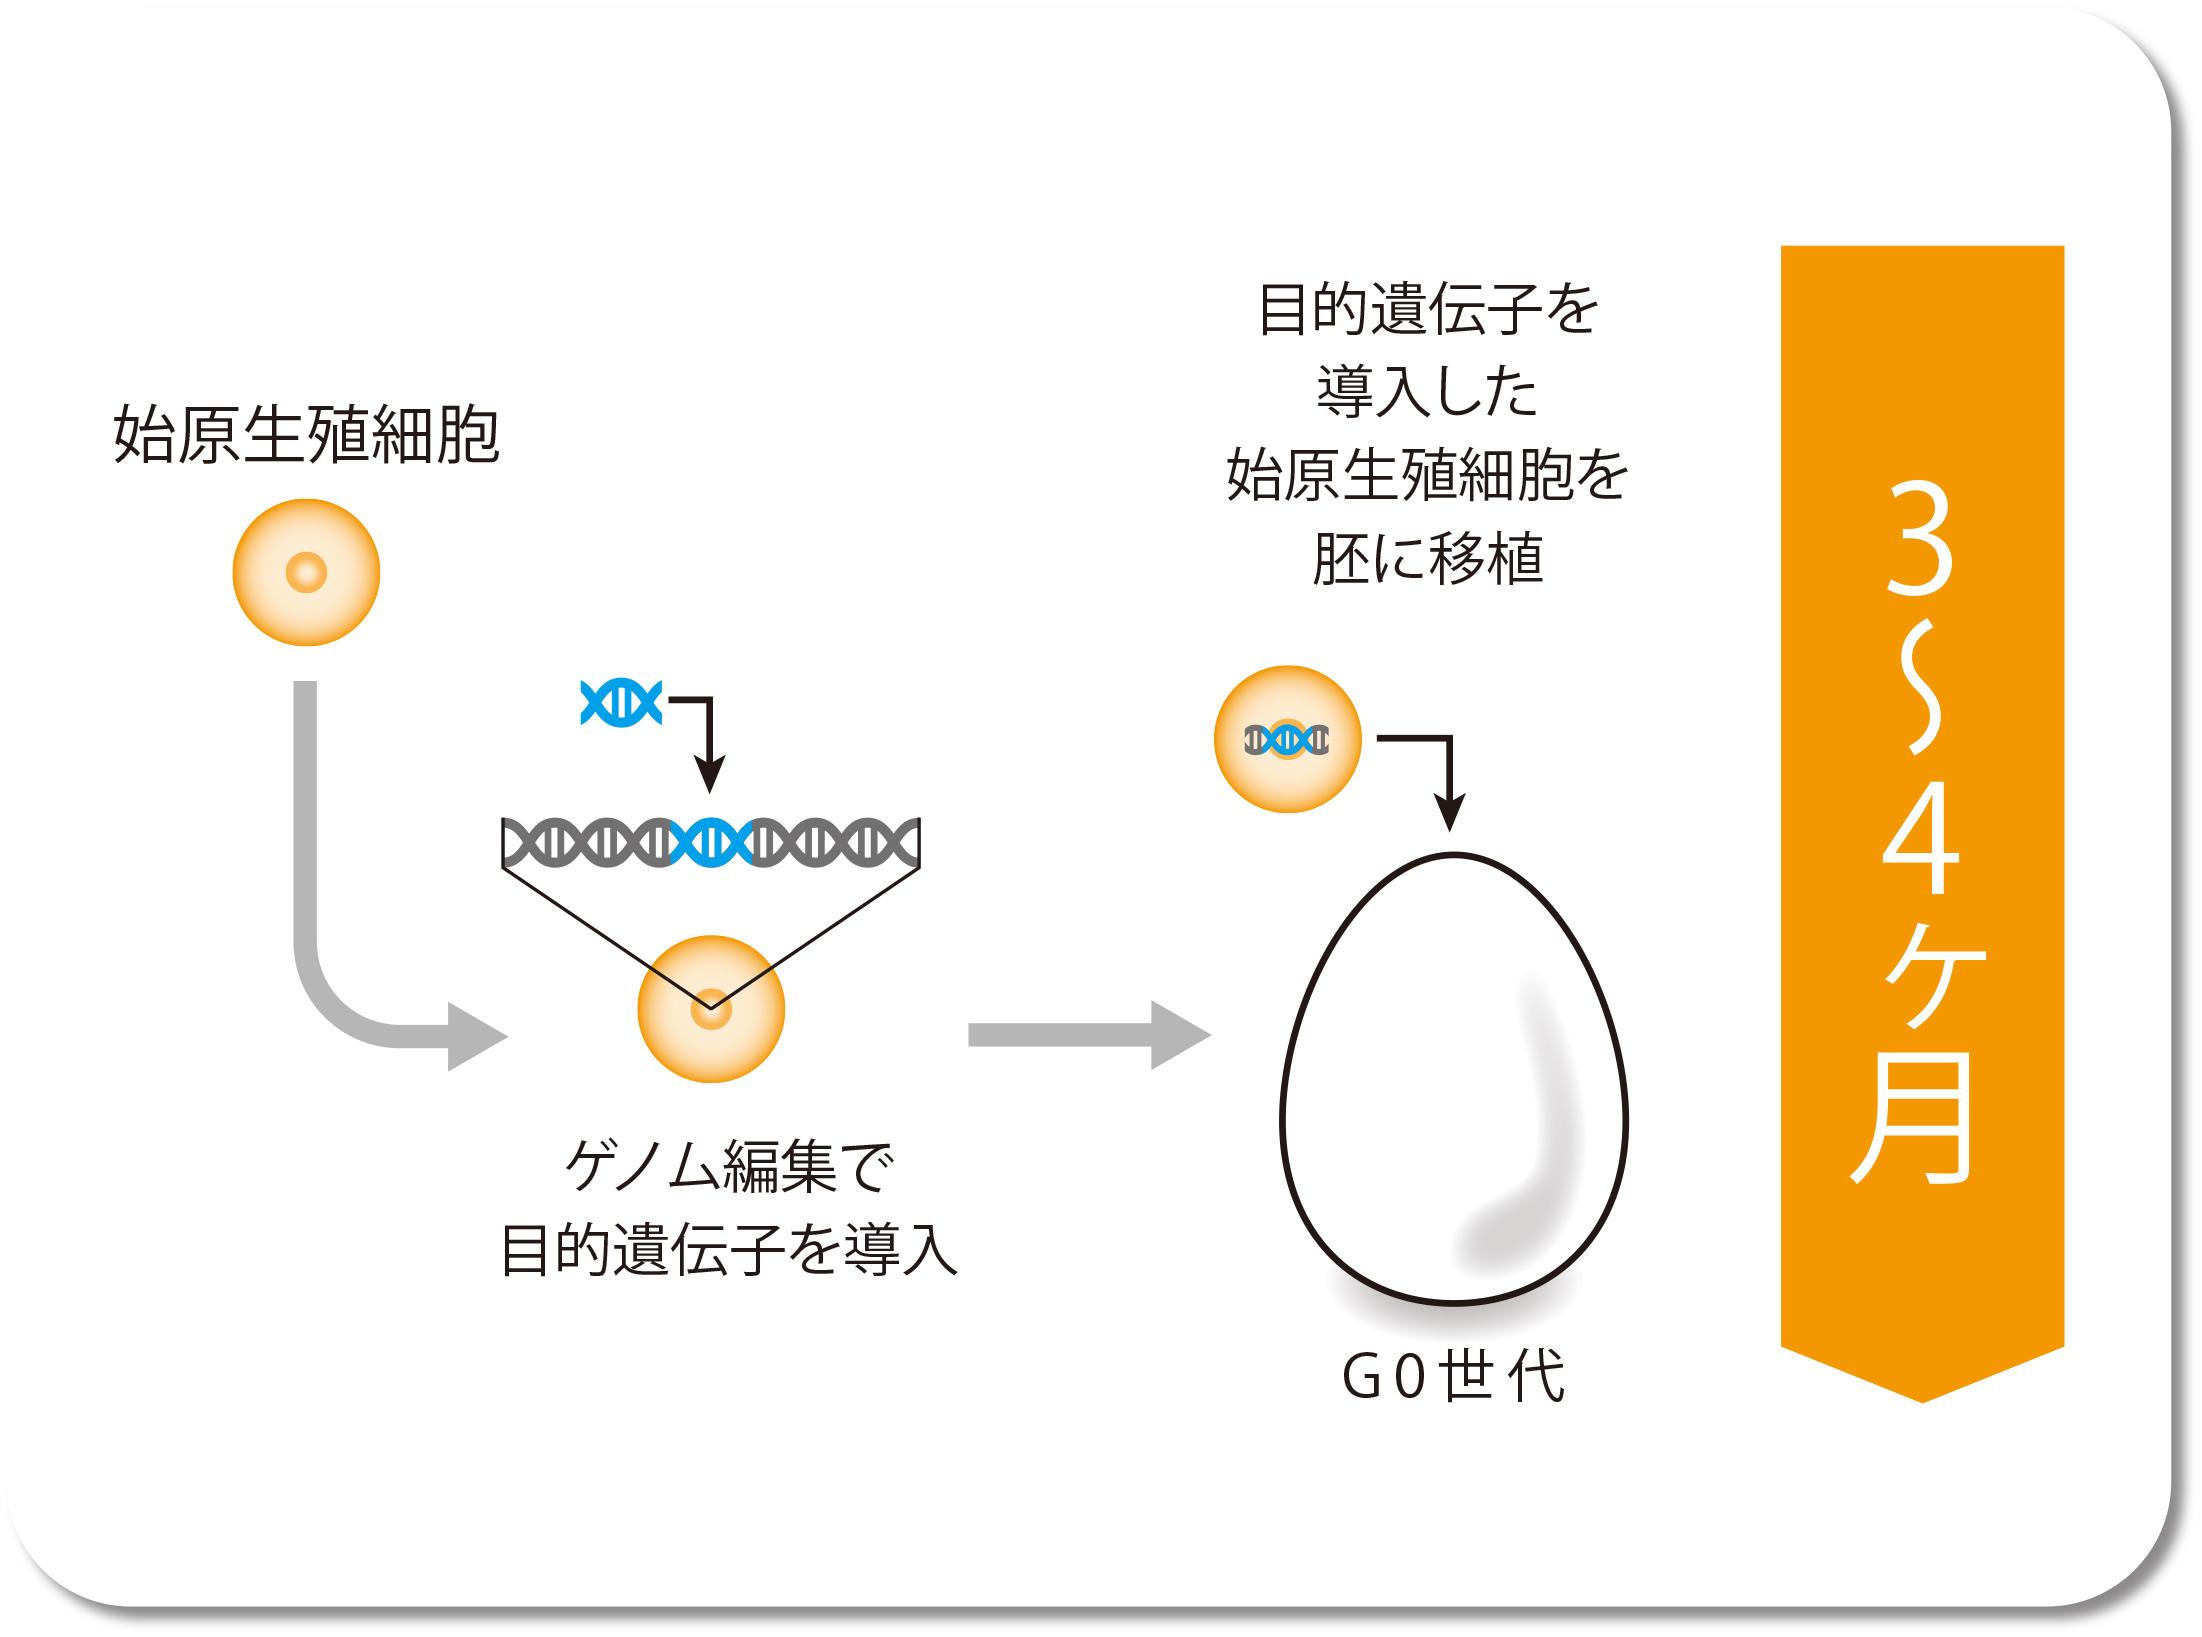 始原生殖細胞 → ゲノム編集で目的遺伝子を導入 → 目的遺伝子を導入した始原生殖細胞を胚に移植